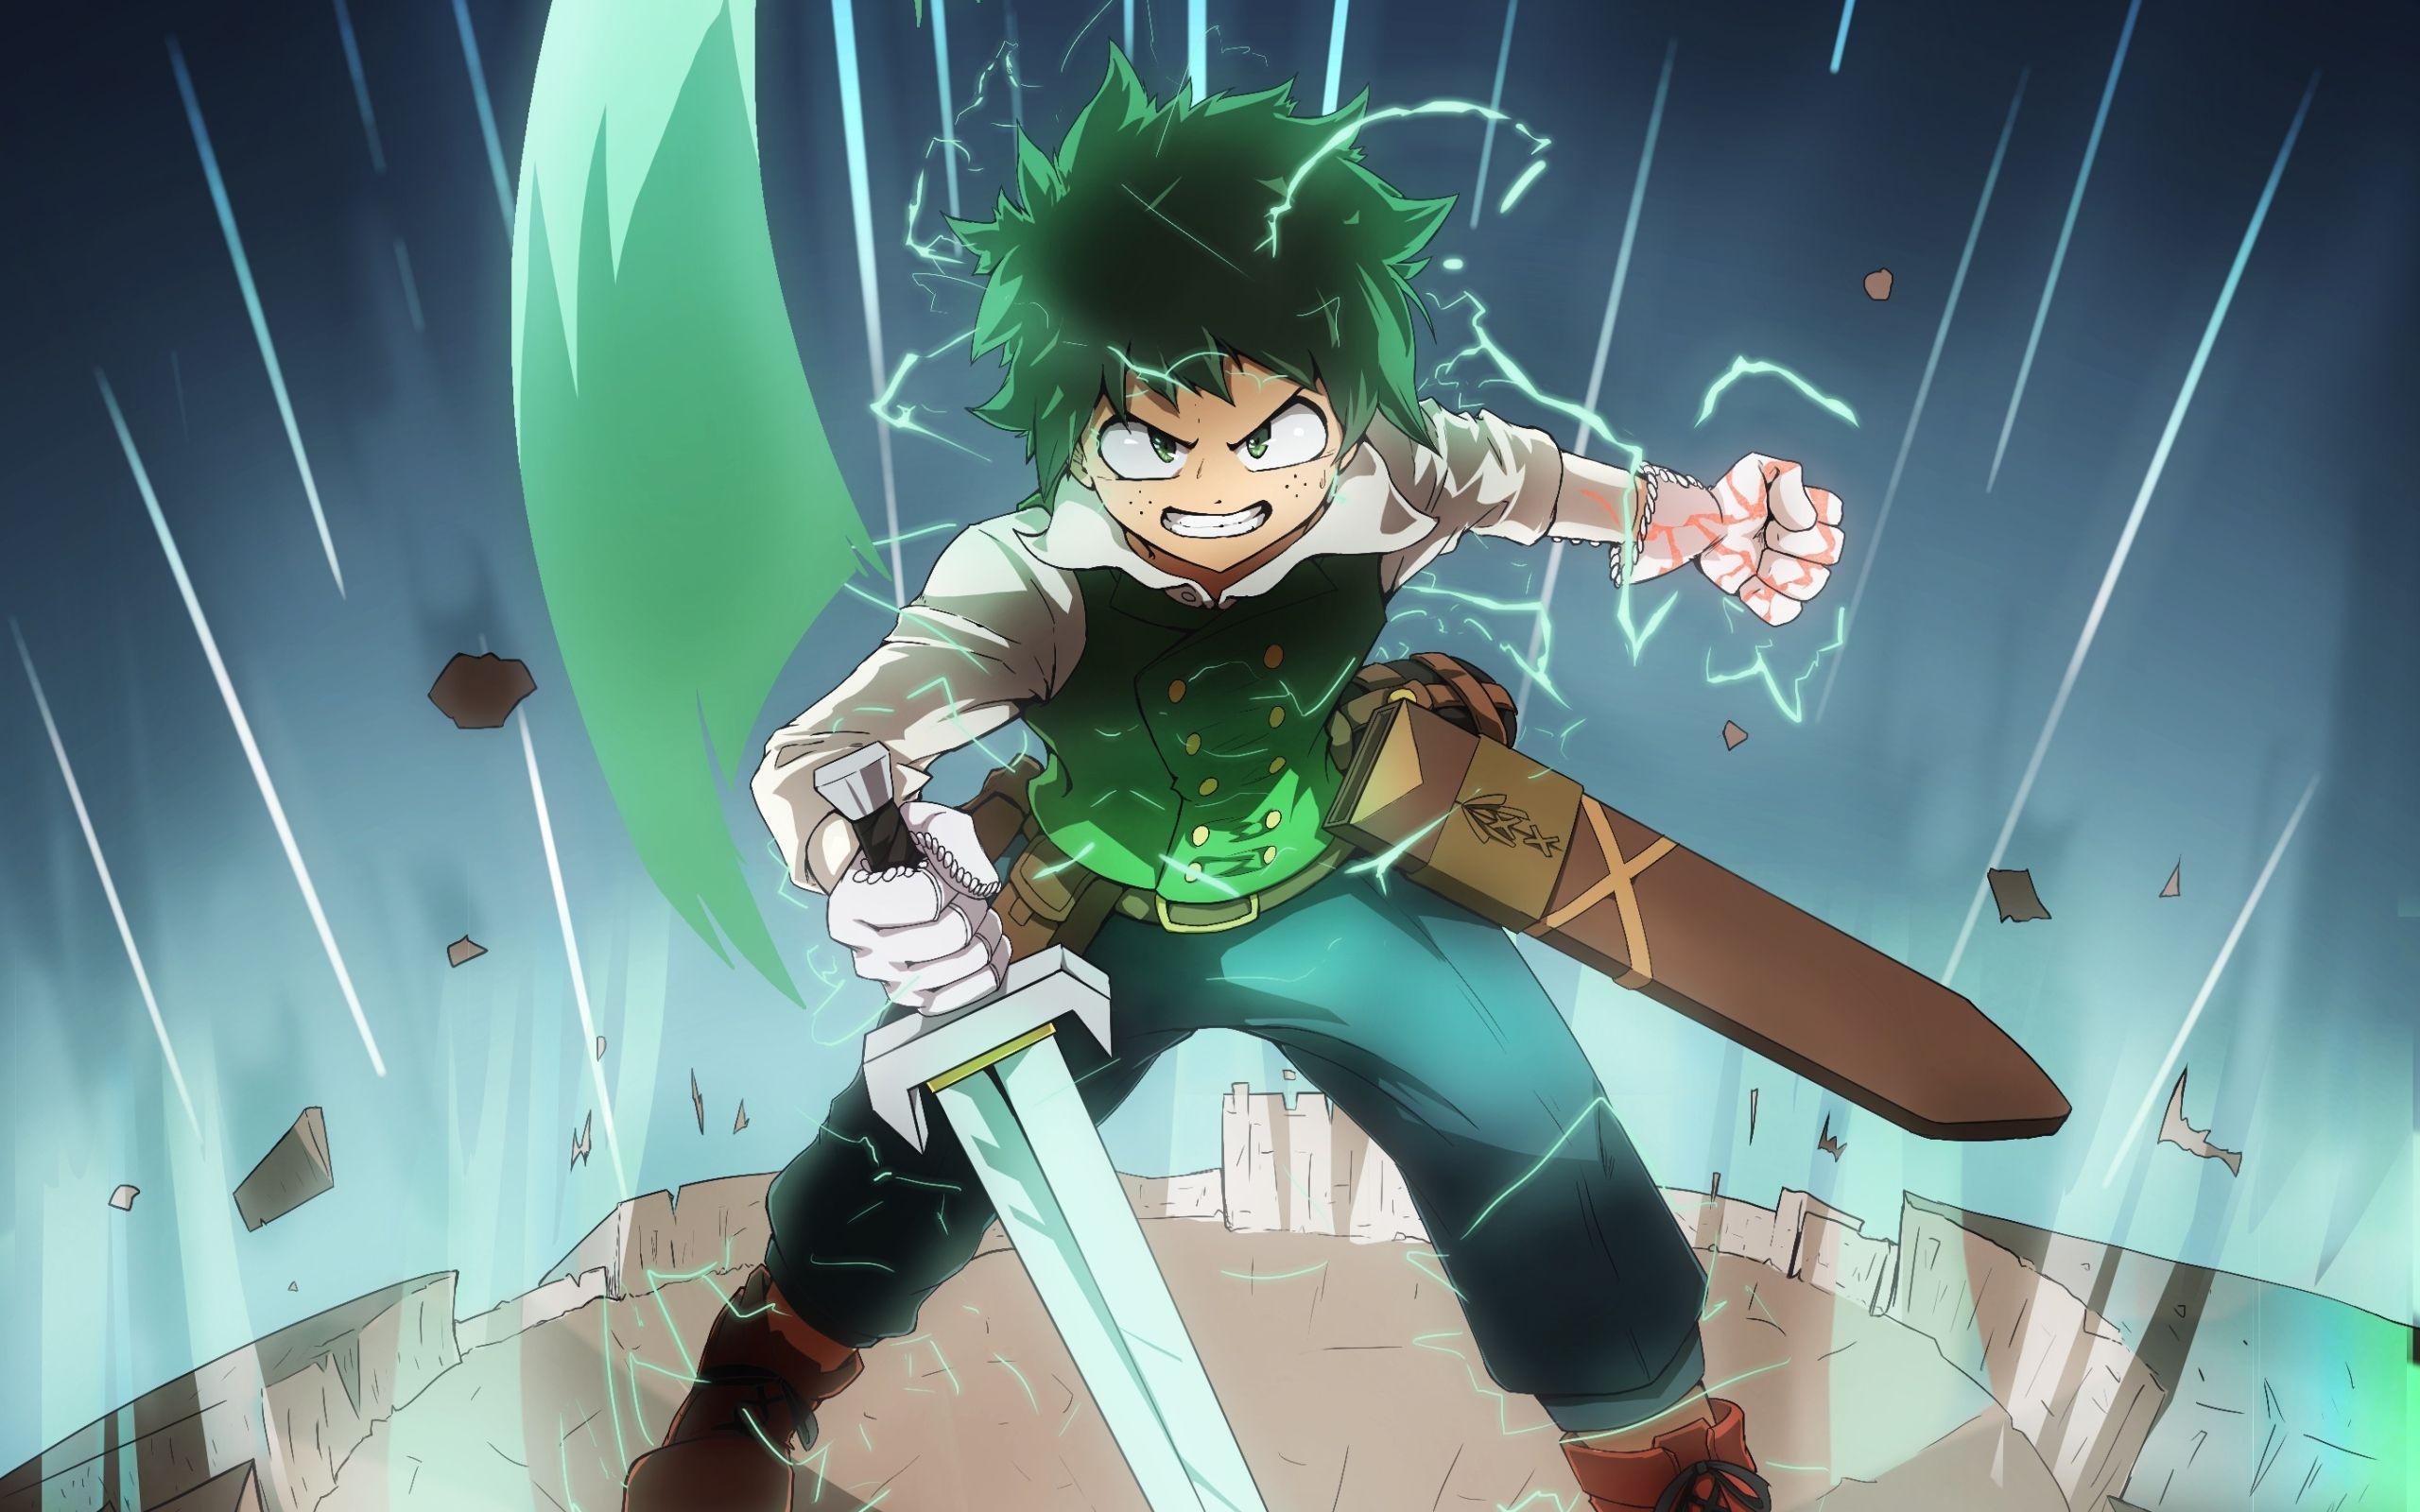 2560x1600 Hình nền của Izuku Midoriya, My Hero Academia, Anime - My Hero Academia Sword - 2560x1600 Hình nền - teahub.io